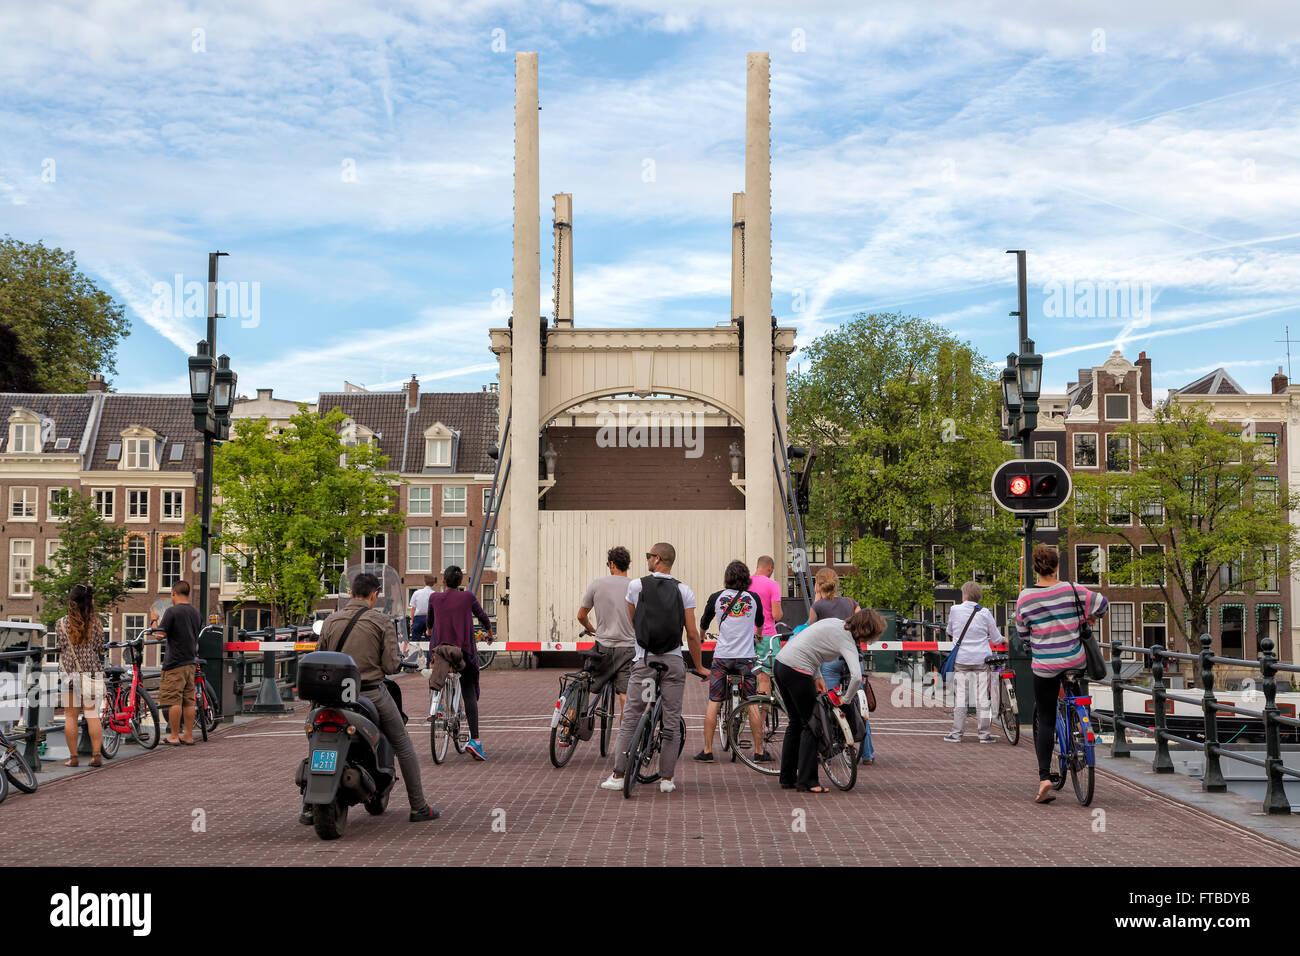 Personnes debout avec des vélos sur le pont au-dessus du canal à Amsterdam, Pays-Bas Banque D'Images